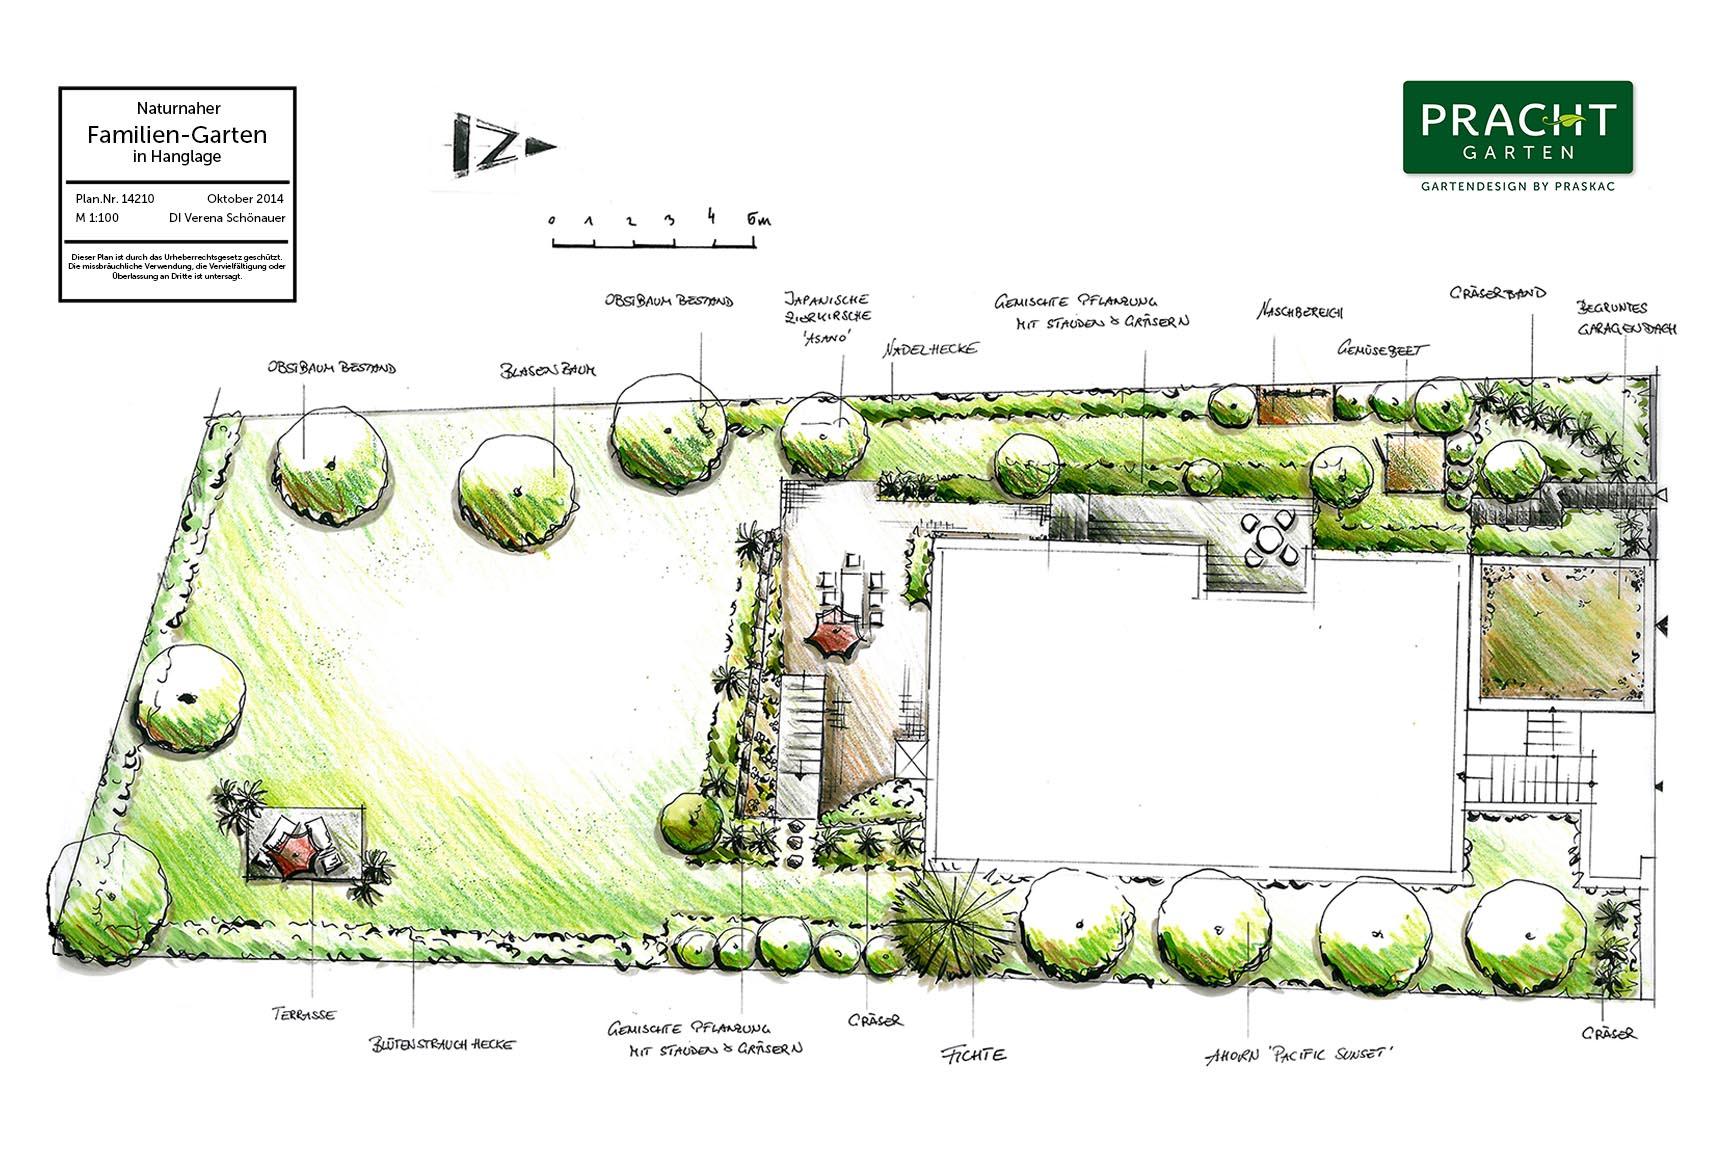 Naturnaher Familiengartenplanung durch Gartenarchitekt von Prachtgarten